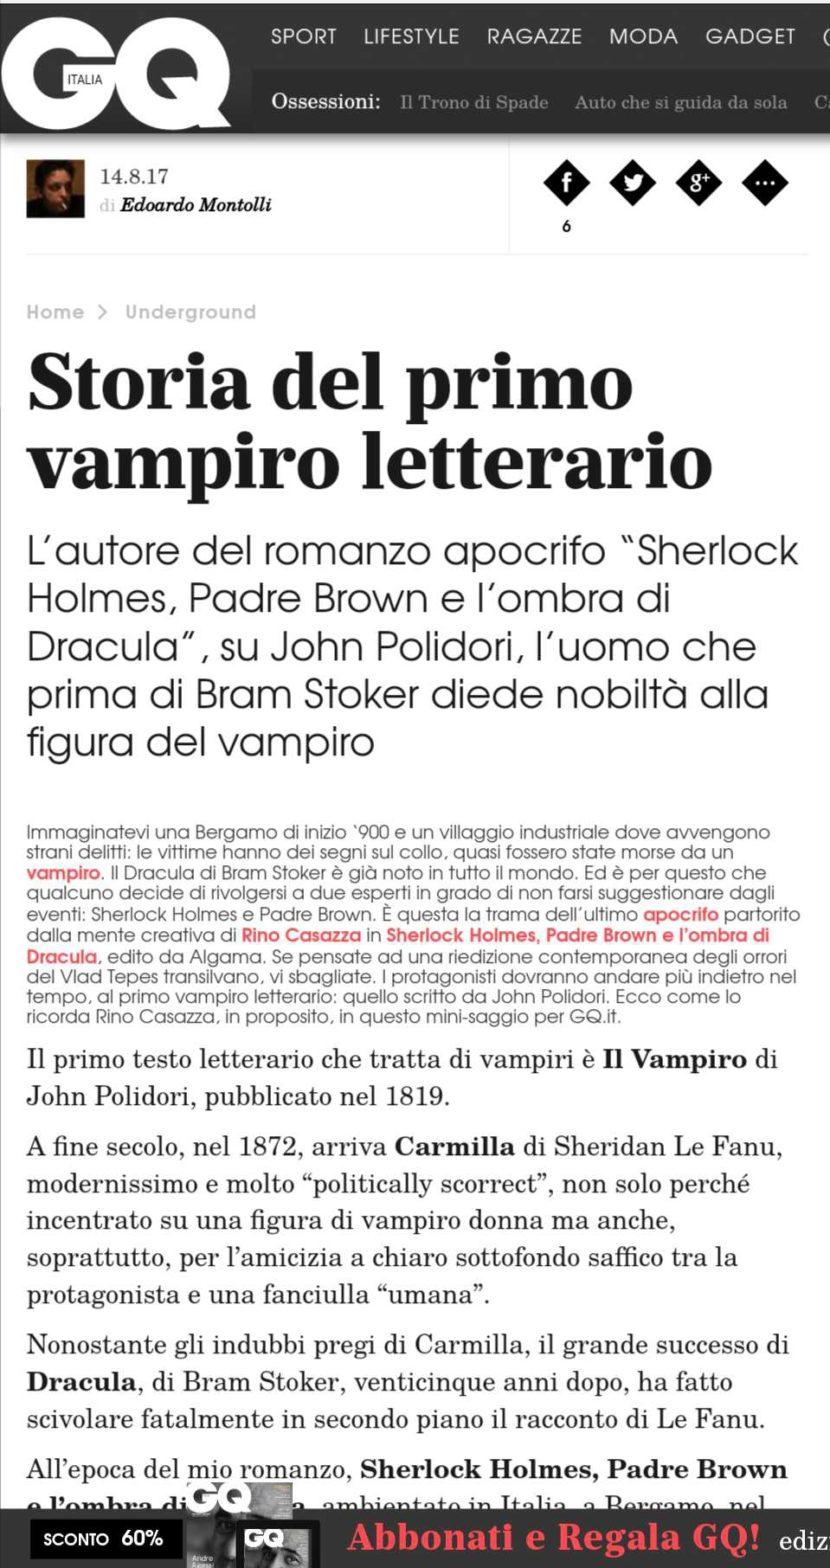 """Su GQ un articolo di Rino Casazza su Lord Reuthven, il vampiro celebre all'epoca del romanzo """"Sherlock Holmes, Padre Brown e l'ombra di Dracula"""""""